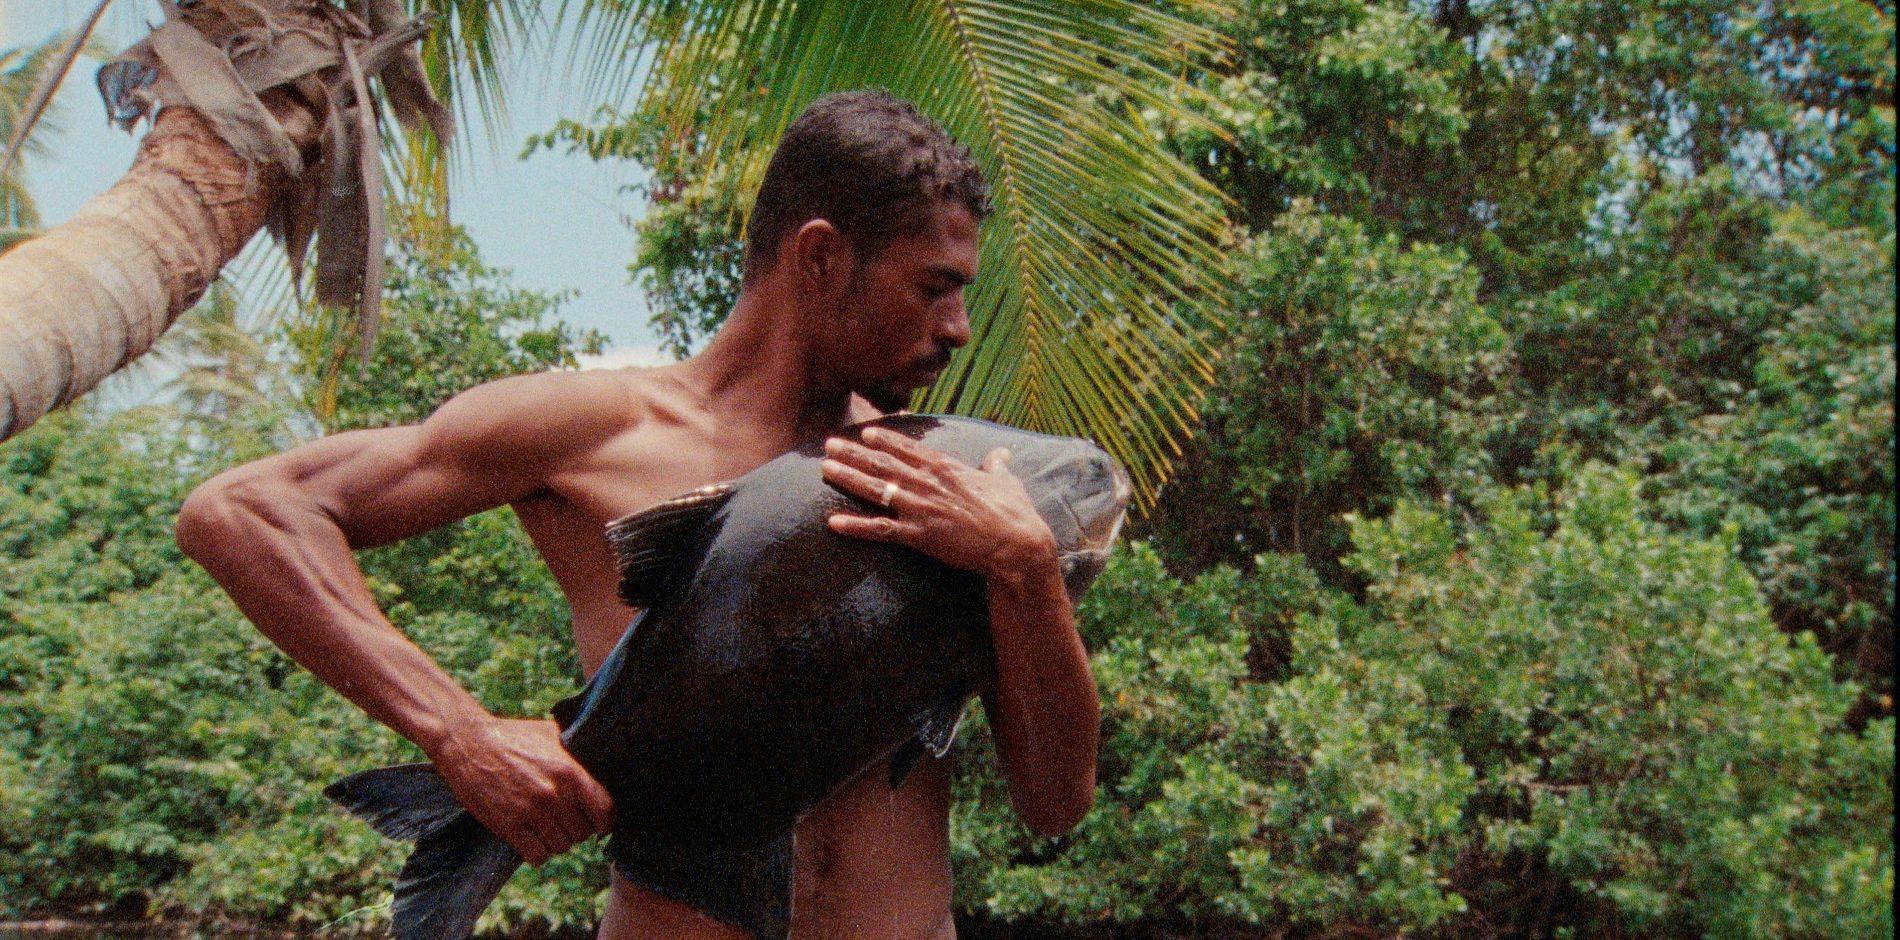 na zdjęciu mężczyzna stojcy po kolana w tropikalnej rzece trzyma w ręku rybę